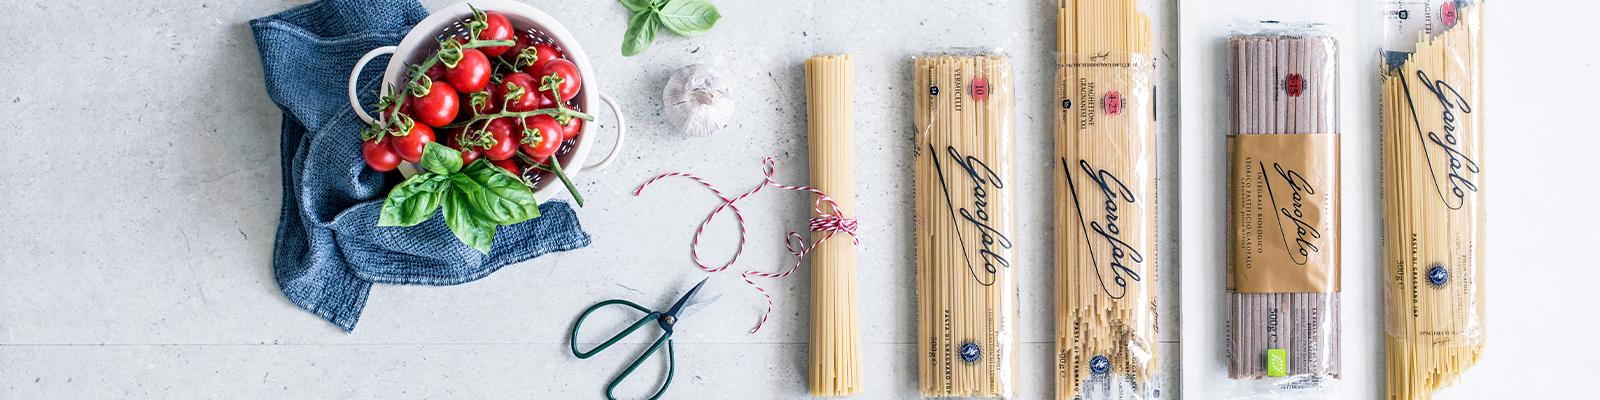 Pasta Garofalo - Pâtes longues